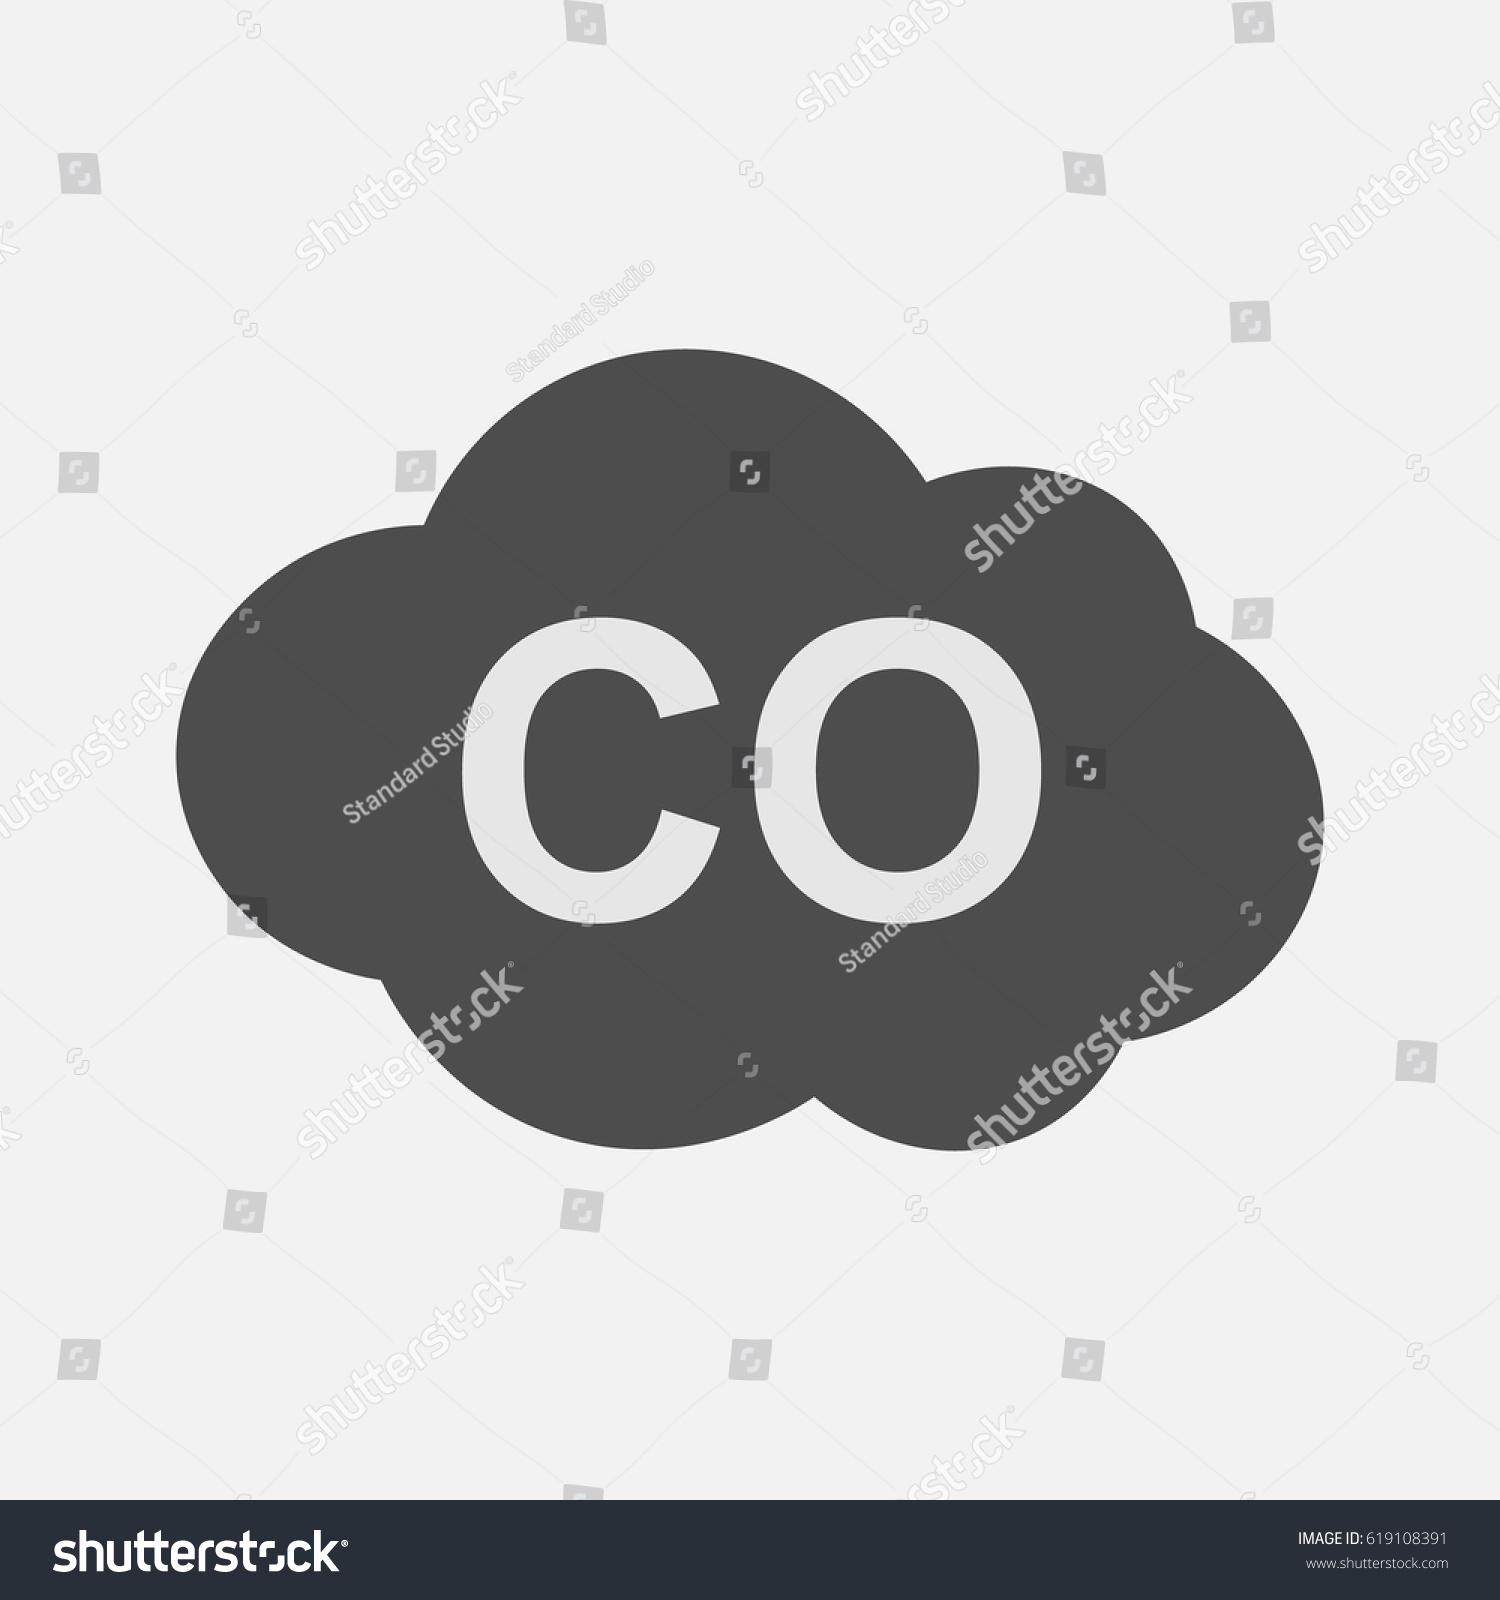 Co Icon Carbon Monoxide Formula Symbol Stock Vector Royalty Free